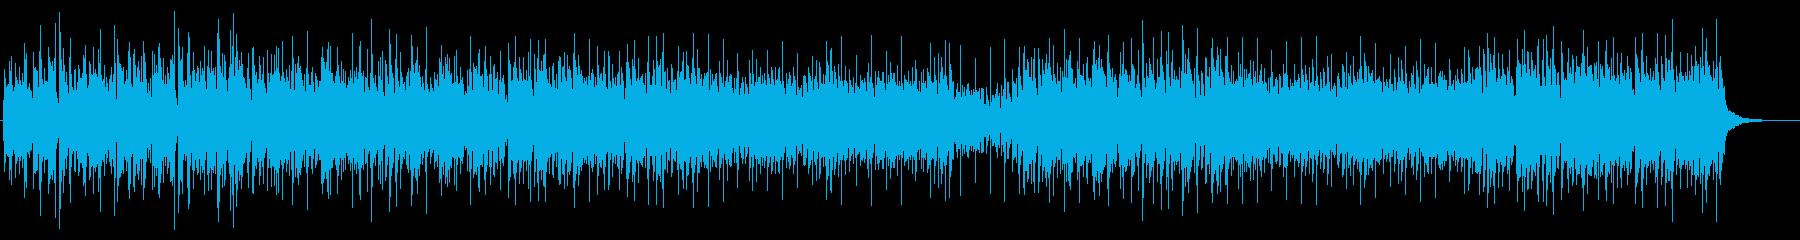 映像YouTube系優しく温かい響きの再生済みの波形